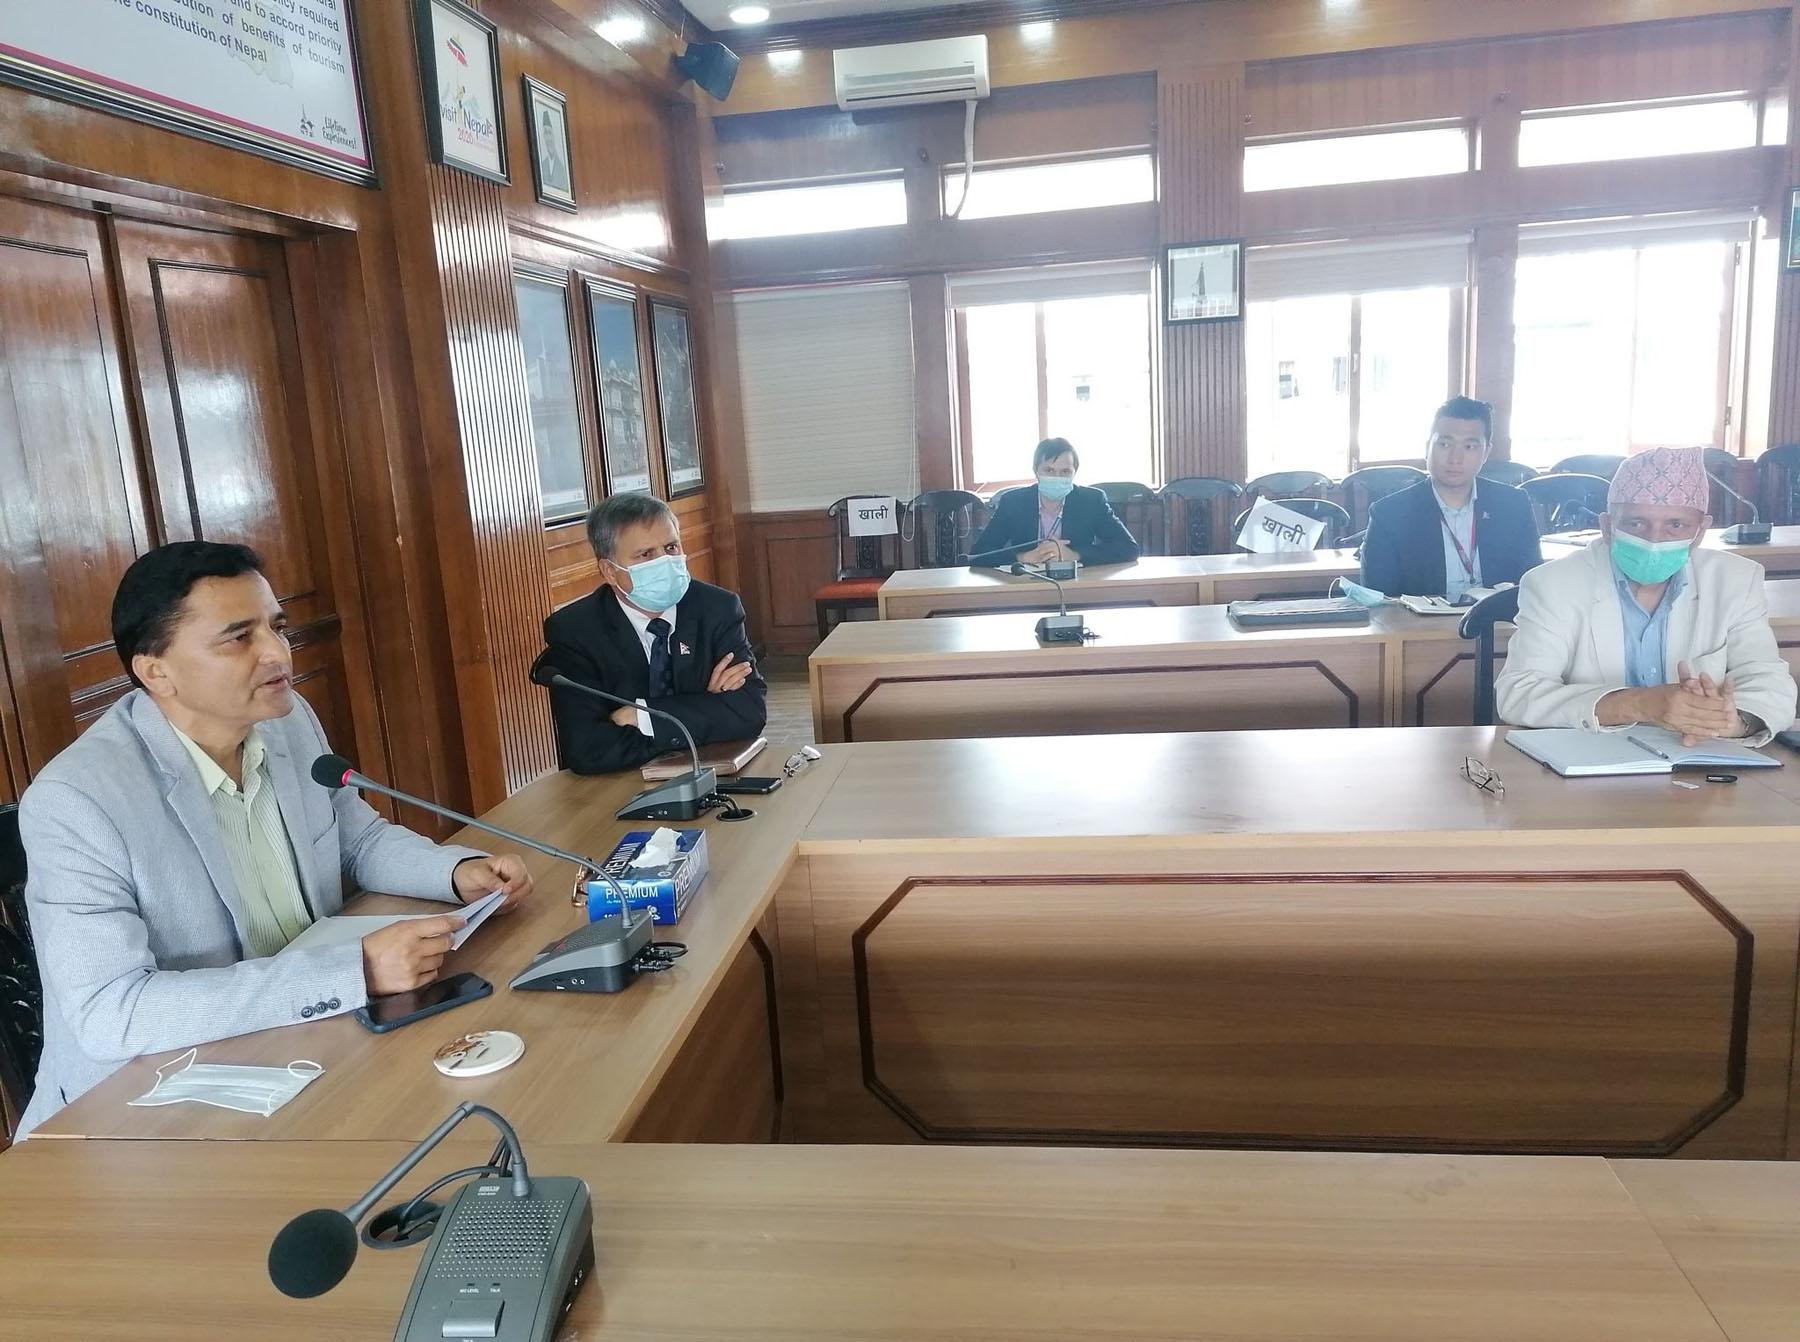 जहाज खरिद प्रक्रिया अघि बढाउन पर्यटनमन्त्रीको निर्देशन